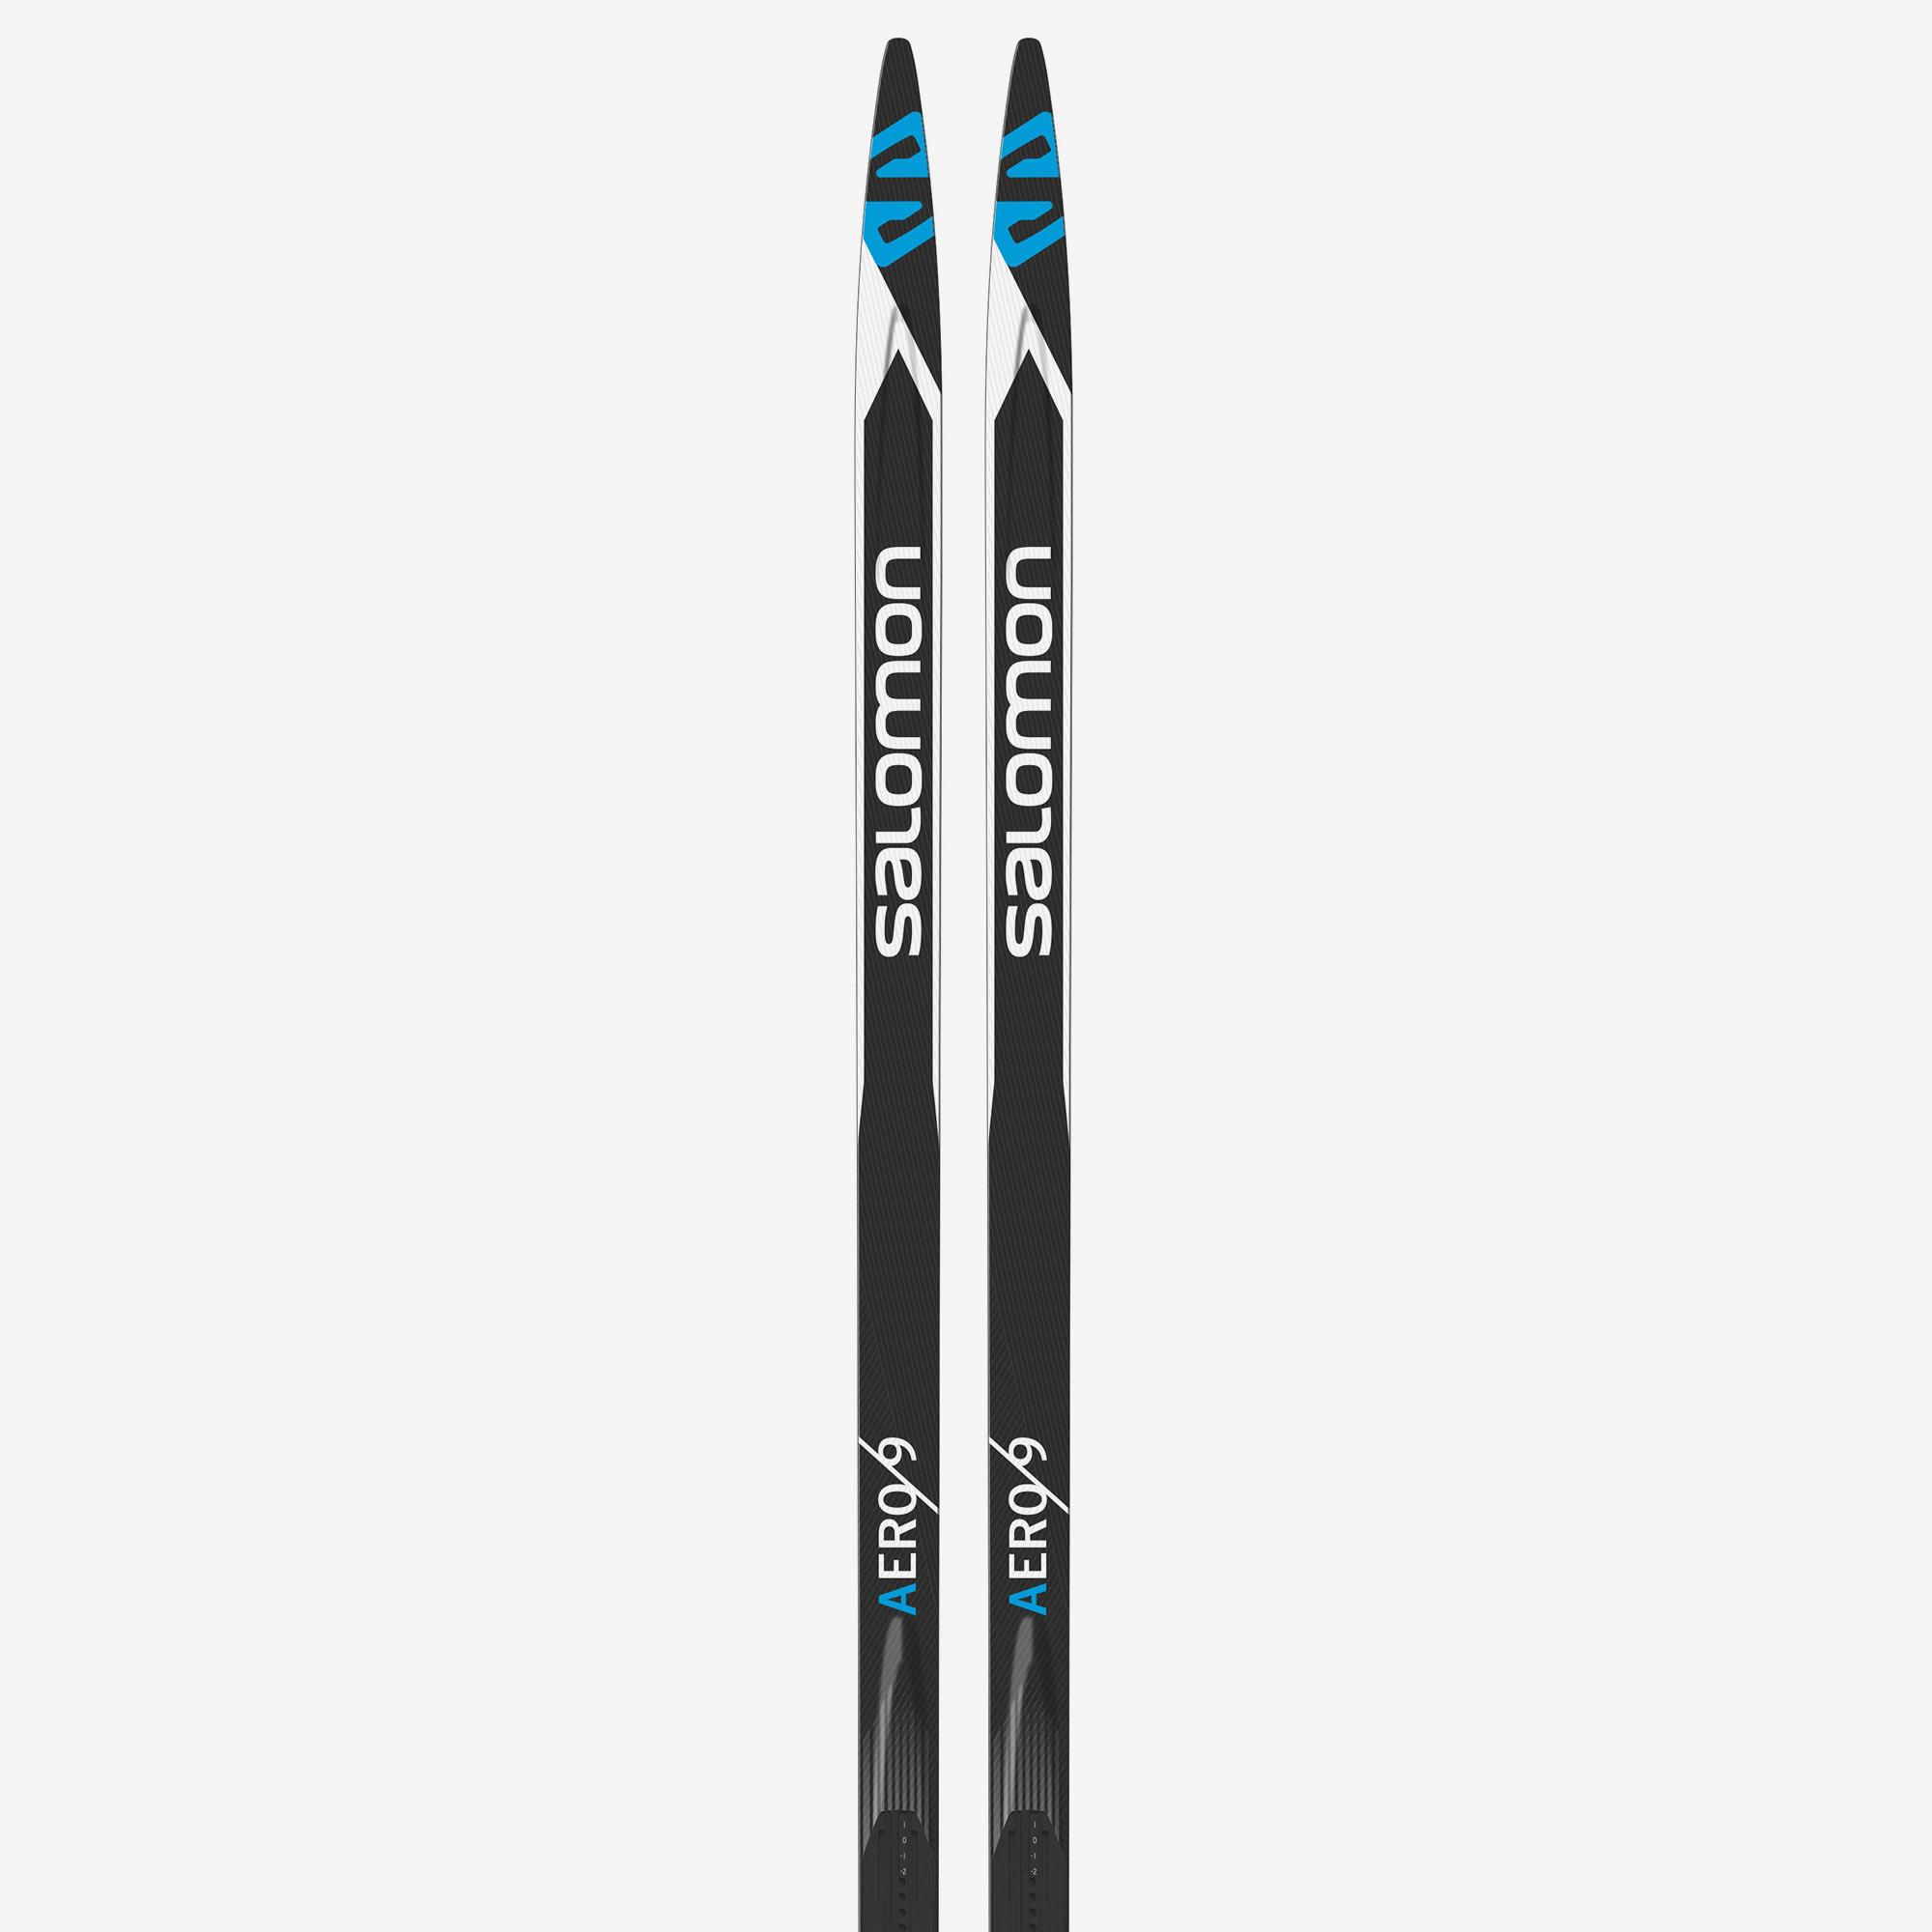 Ski Usagé Salomon Aero 9 Skin Hard 198 + Fixe Prolink Pro CL